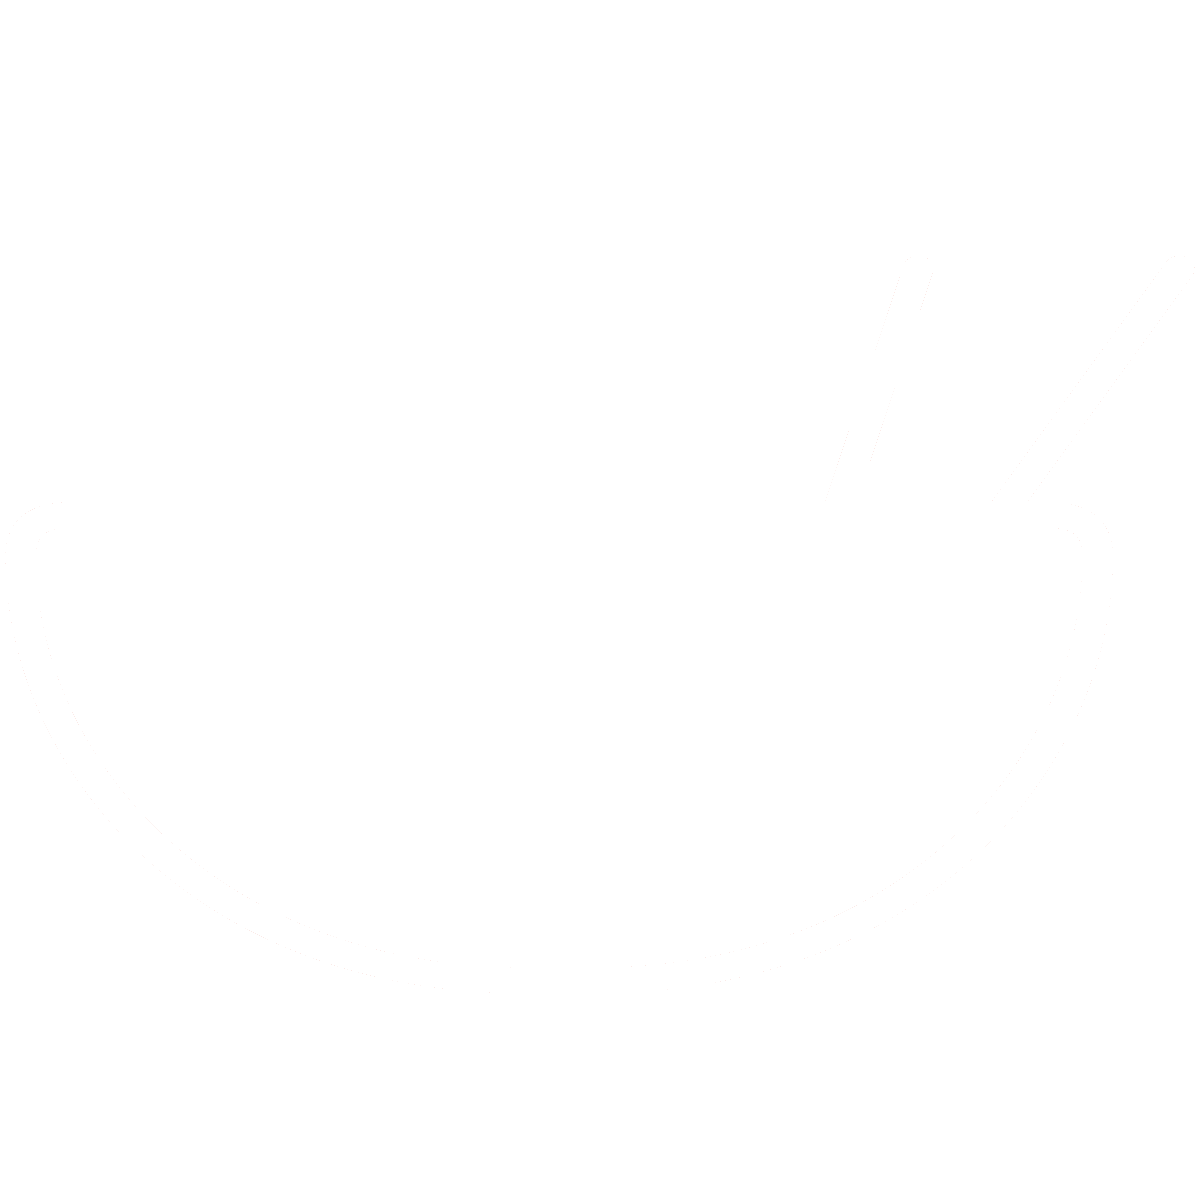 Dal set THE KITCHEN, l'icona ciotola BIANCA, creata da Wojciech Zasina [www.be.net/wzasina] e usata su www.cucinodite.it da Giorgio Giorgetti, personal chef Varese Como Milano Lombardia